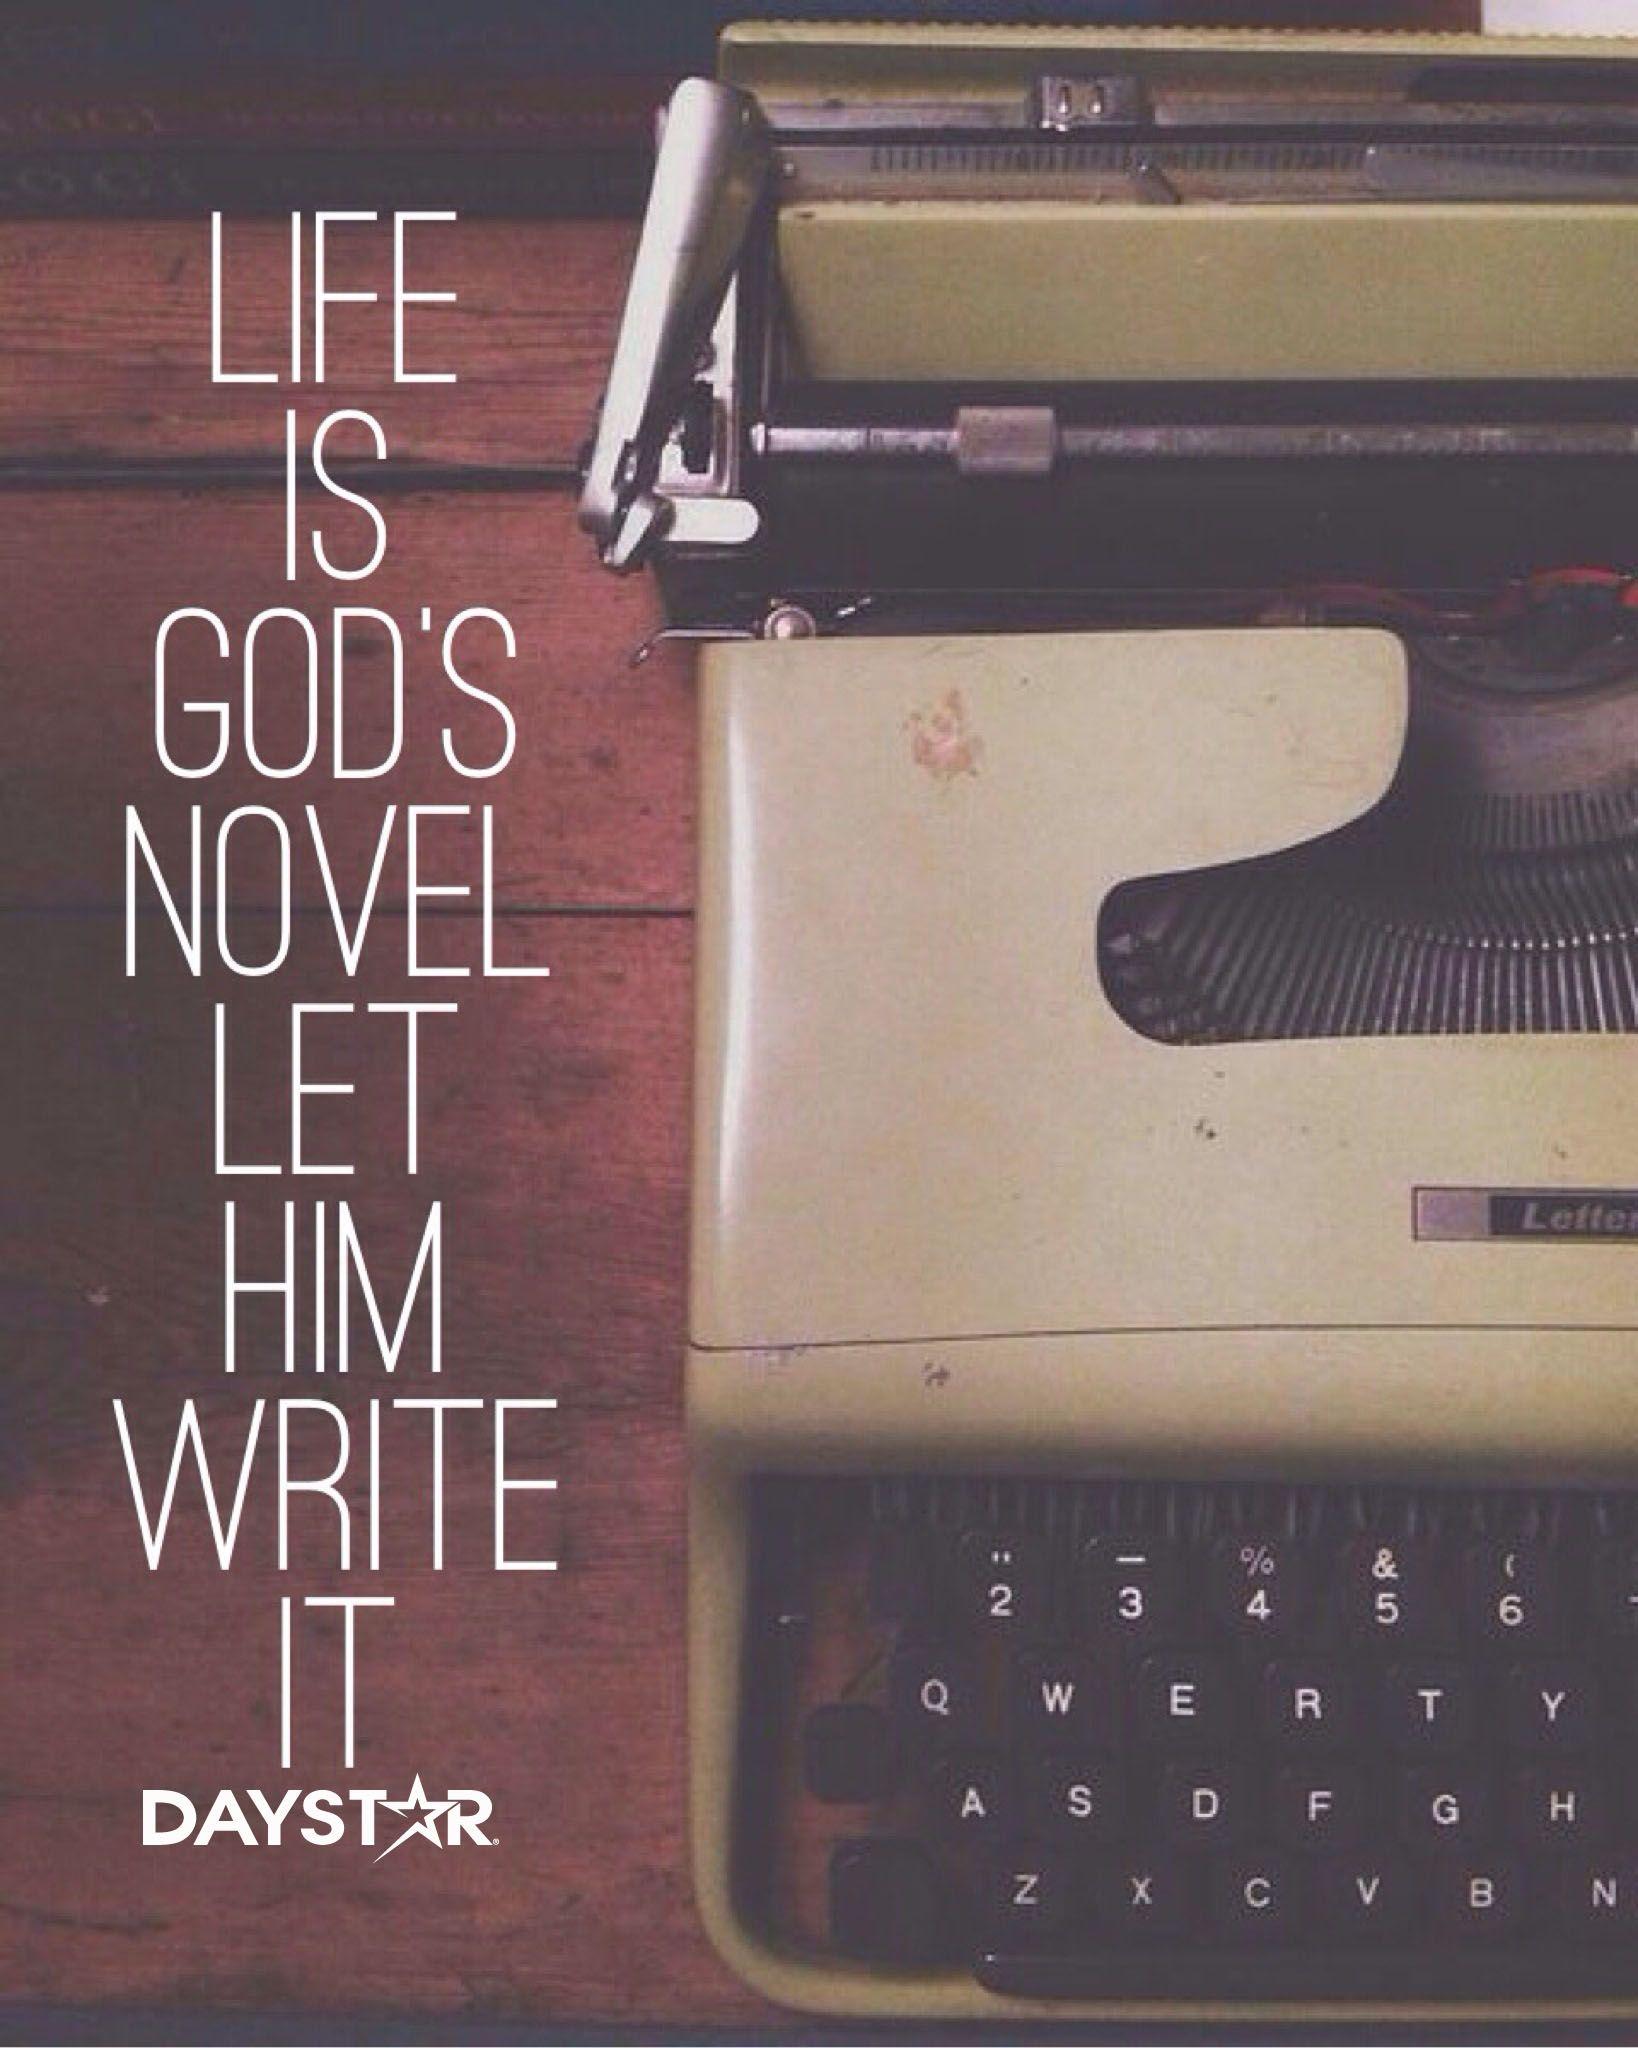 Life is God's novel, let him write it. [Daystar.com]